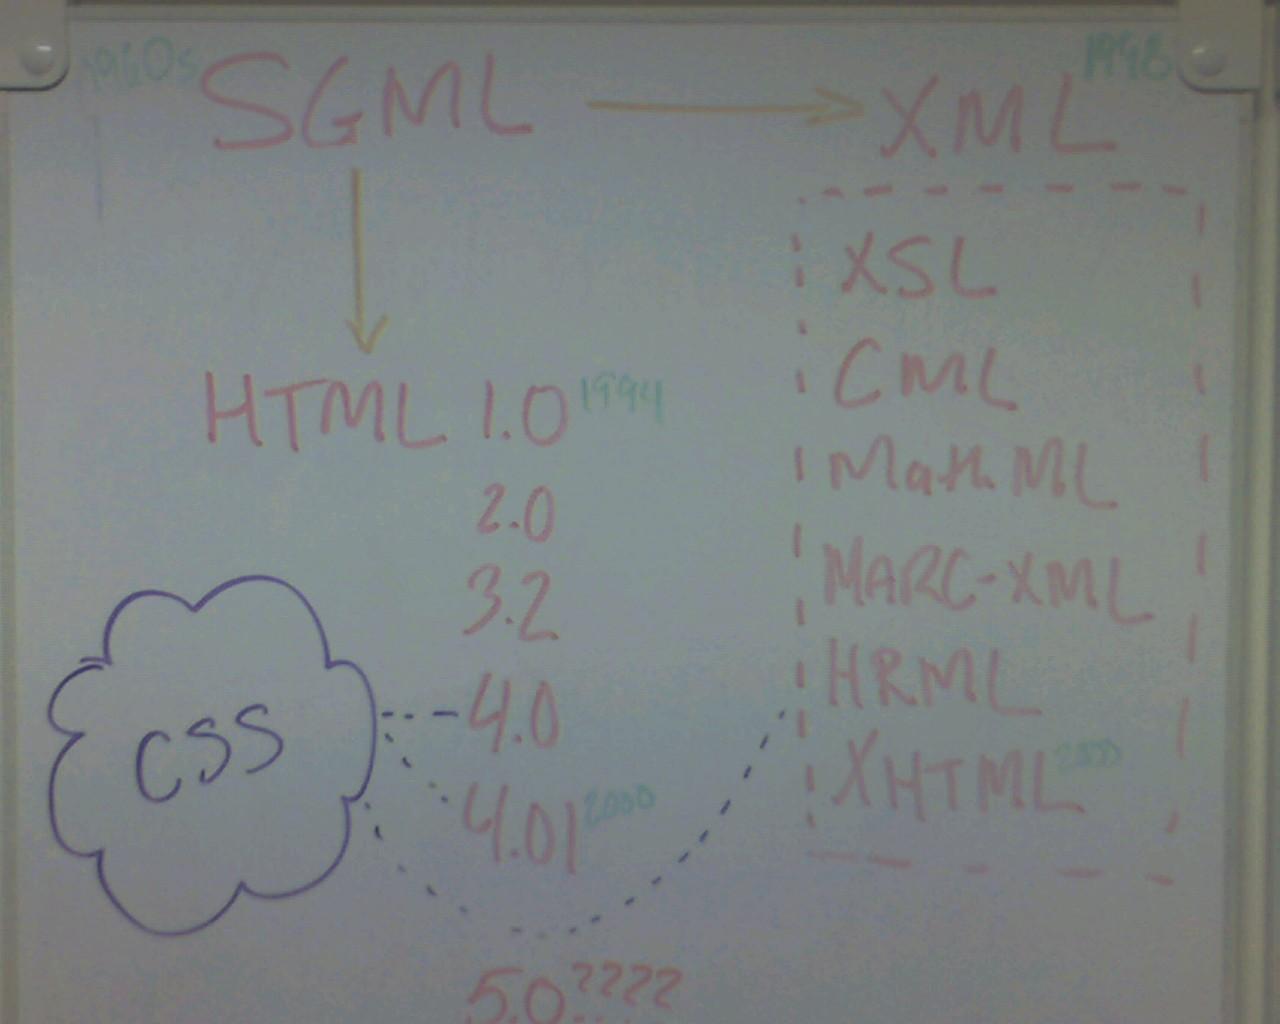 Explaining Markup in 2007